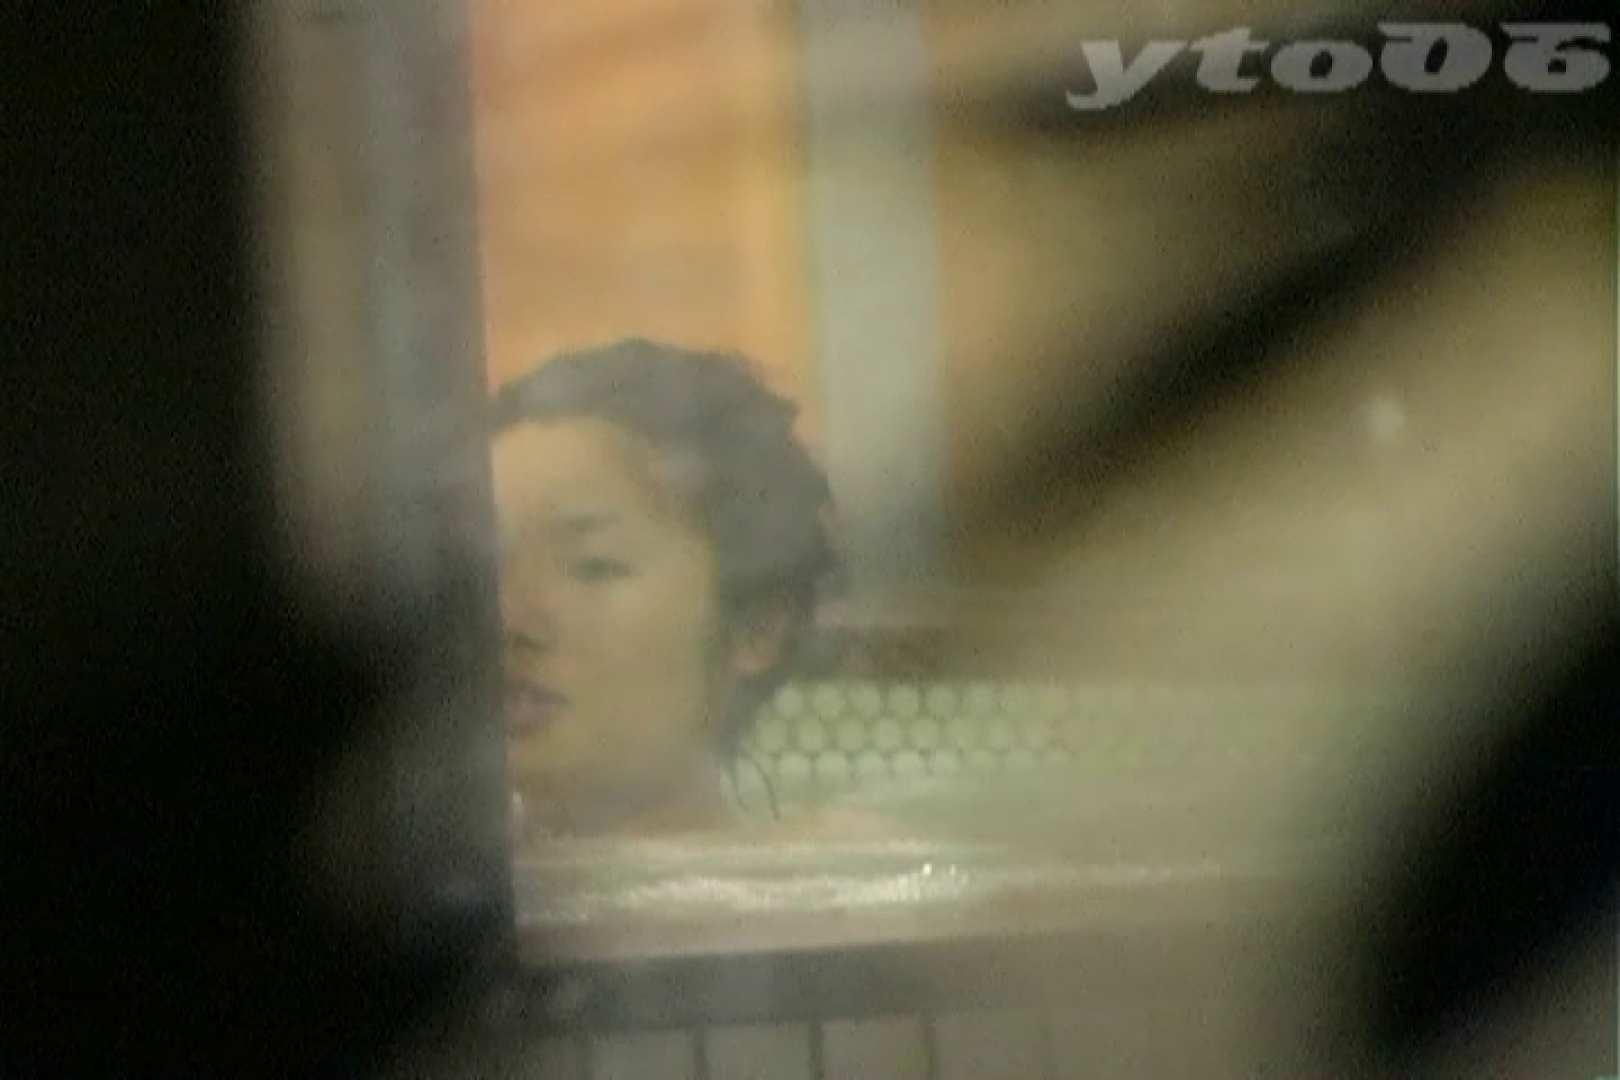 ▲復活限定▲合宿ホテル女風呂盗撮 Vol.36 ホテル セックス画像 70pic 16